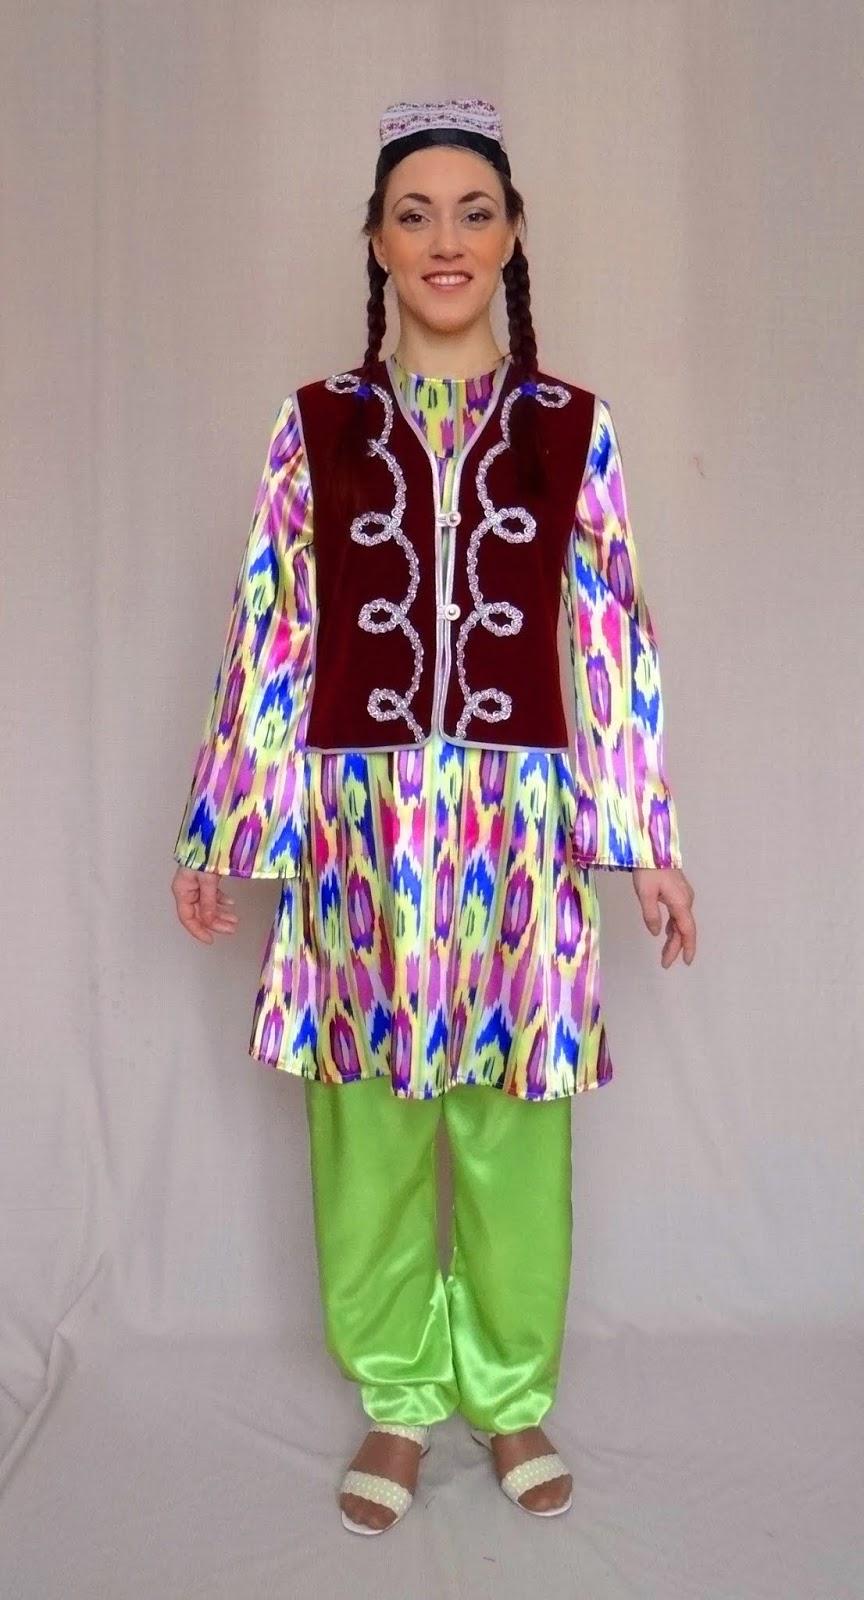 Национальный костюм узбечки картинки если хочешь